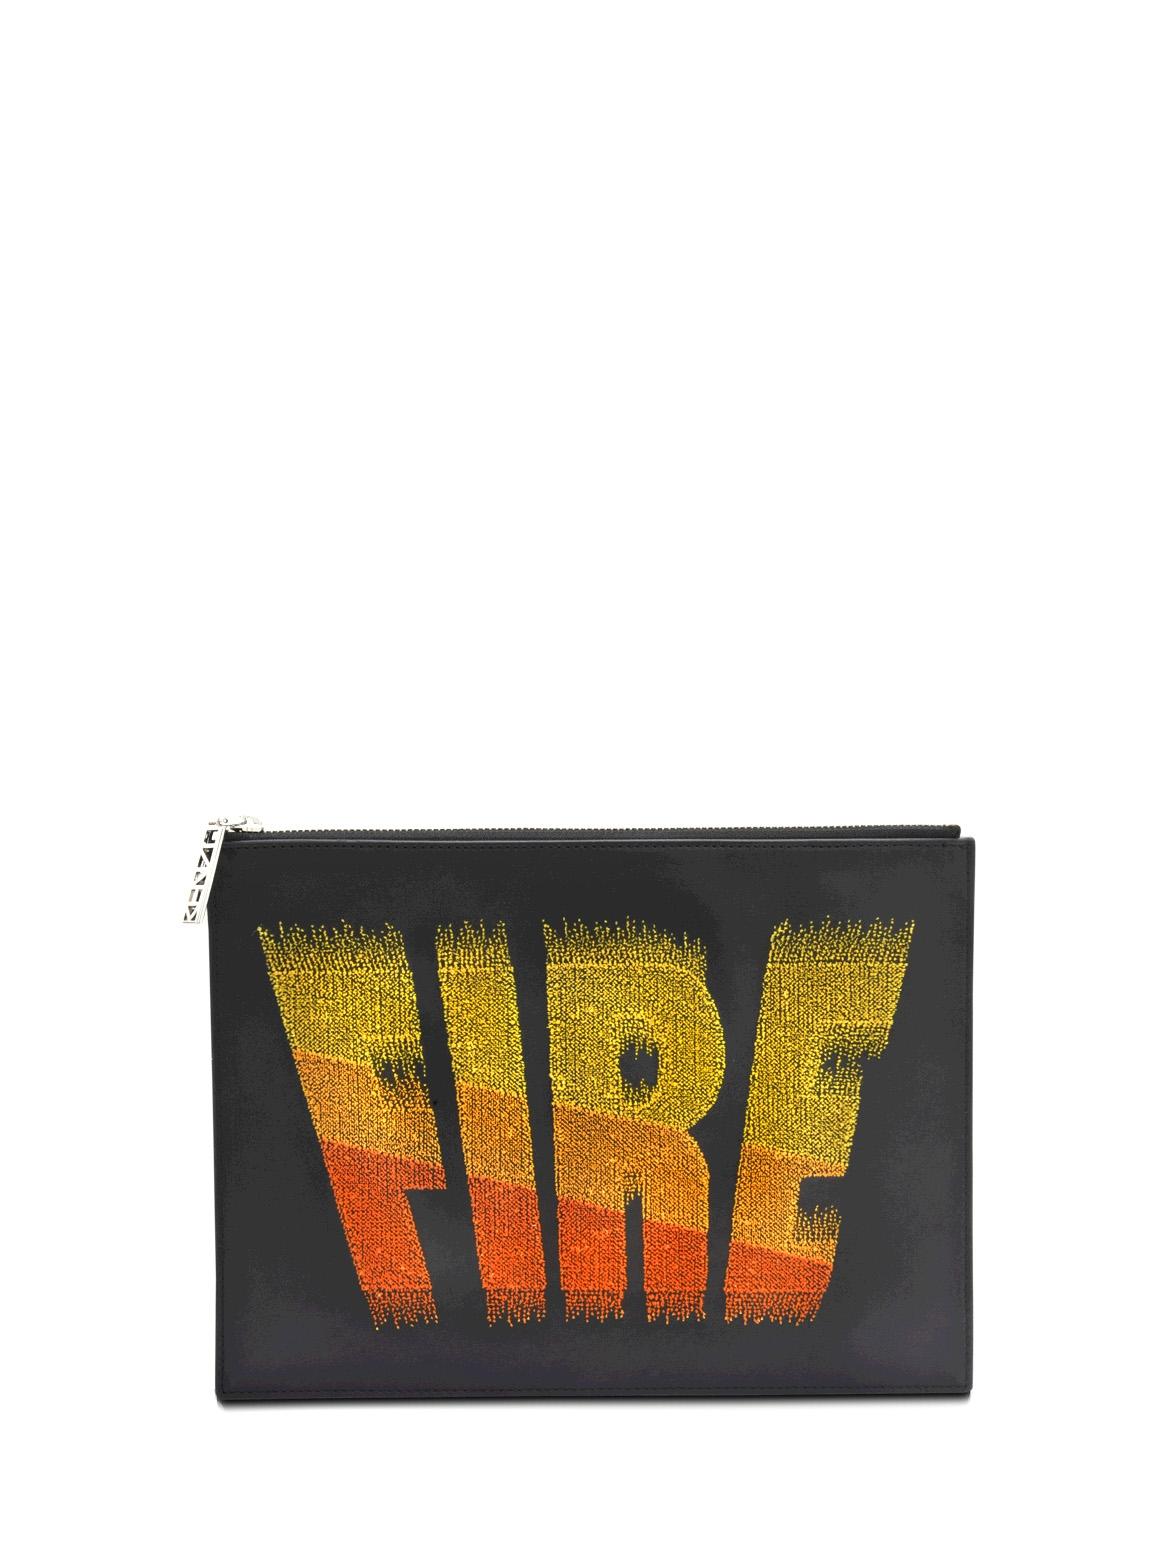 3db21c9d20a Louise Paris - KENZO Pochette FIRE en cuir noir NEUVE Prix boutique 380€